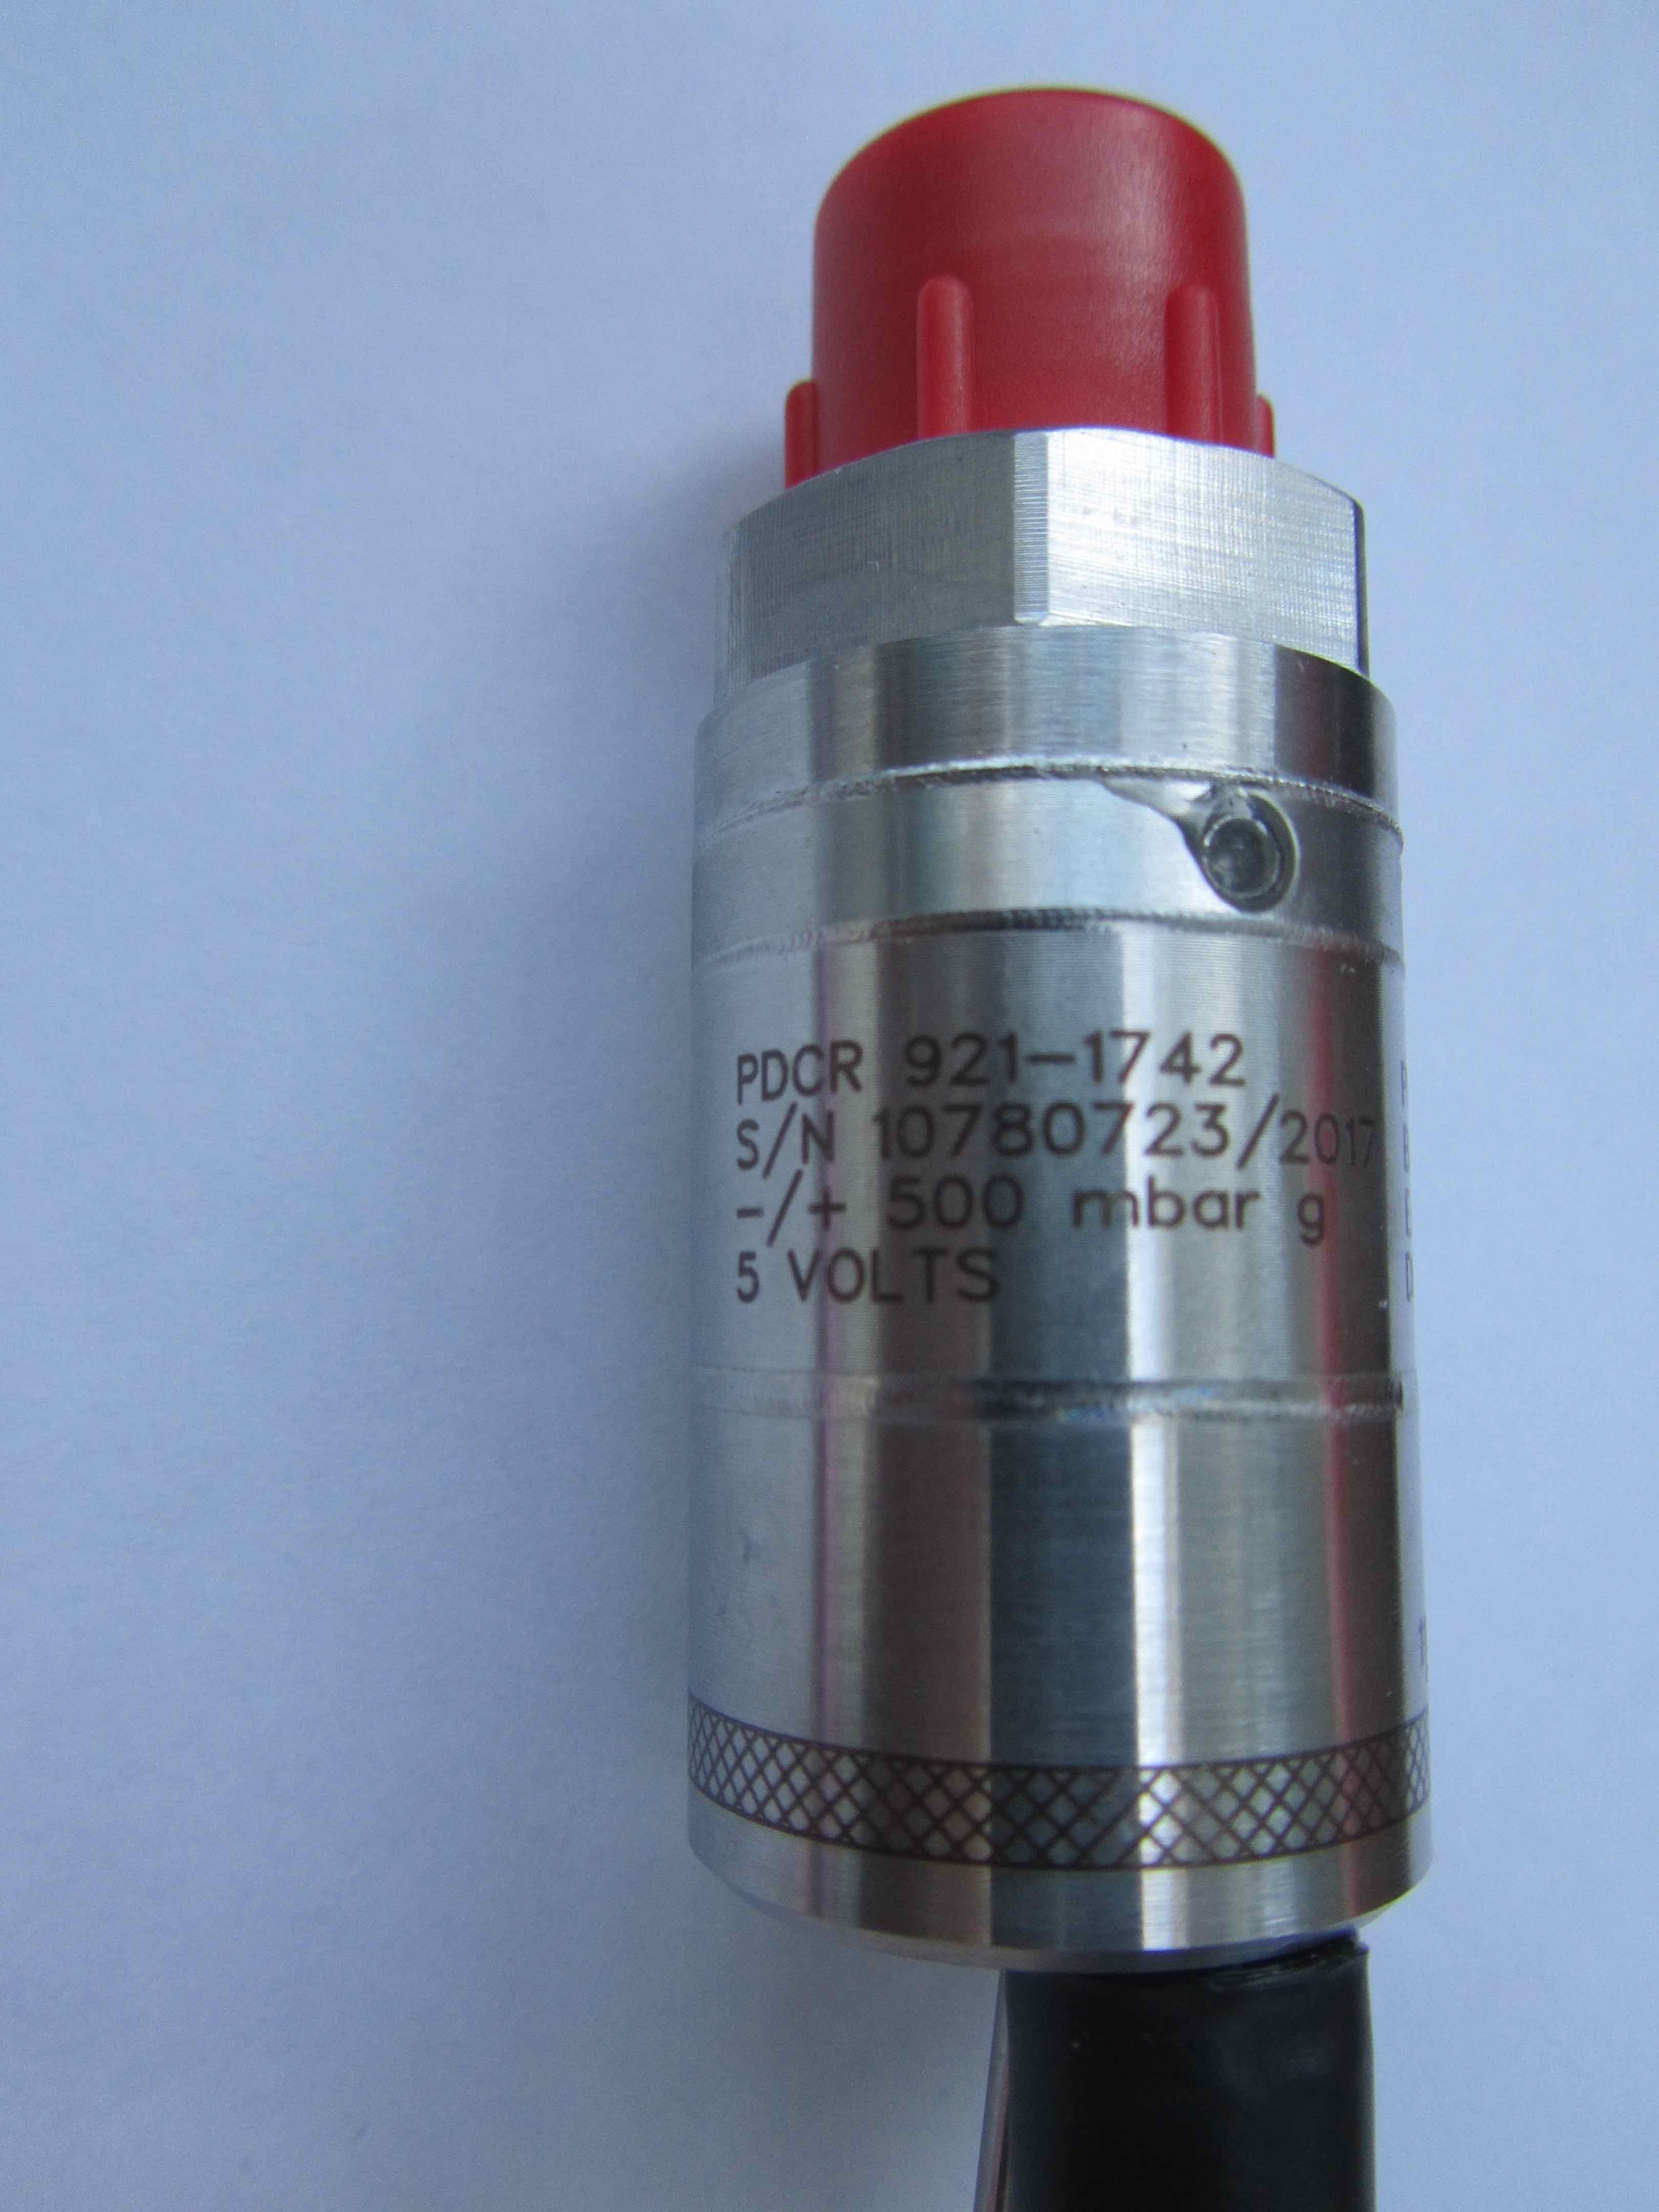 PDCR 921-1742